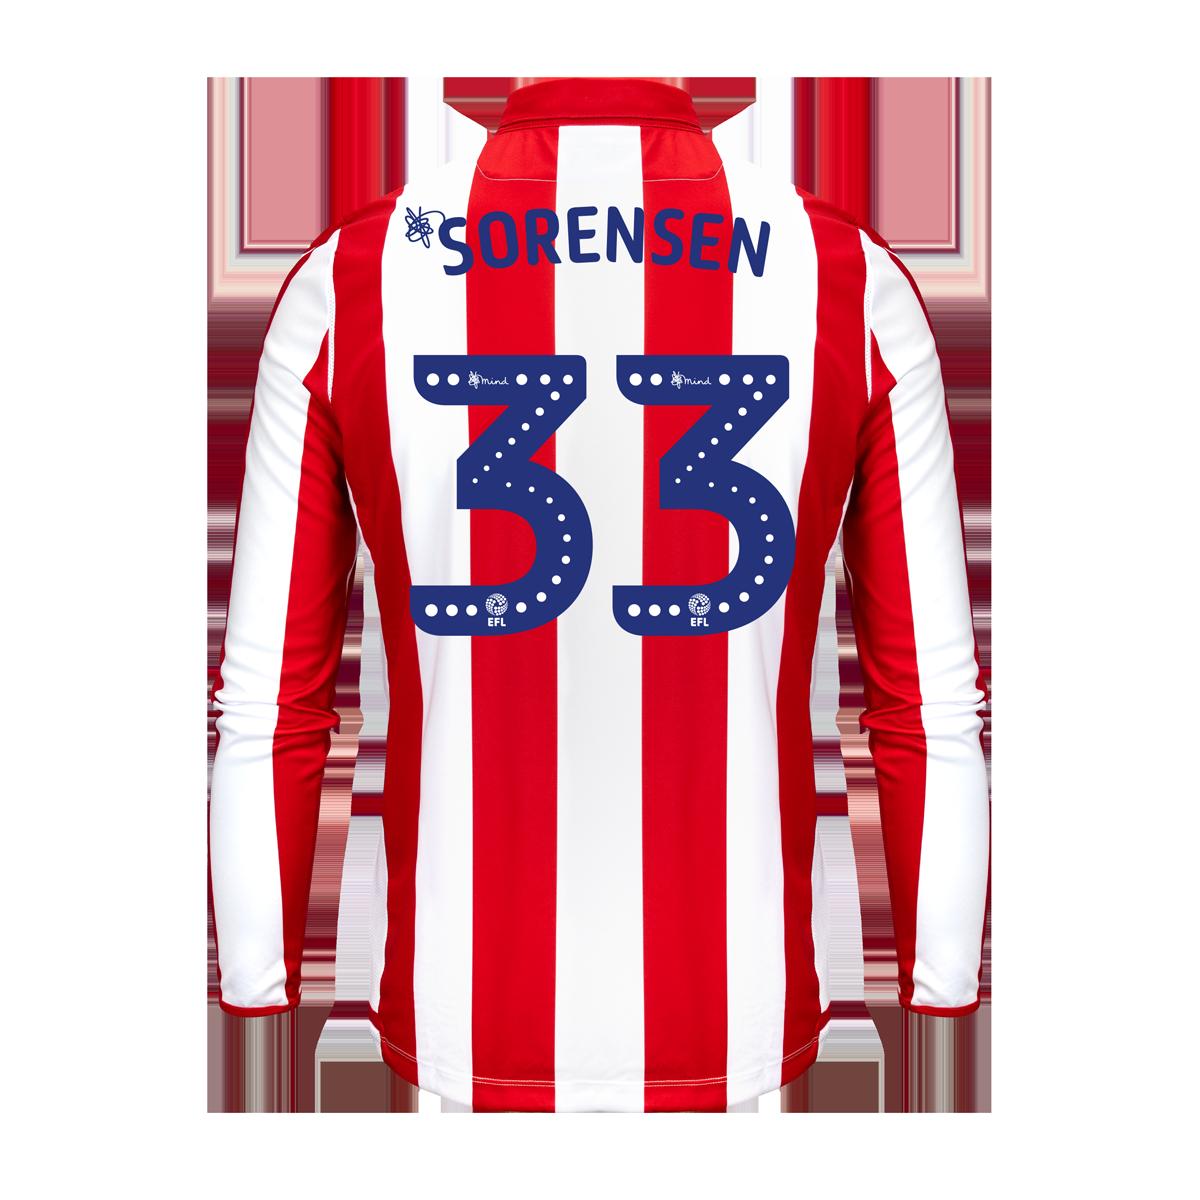 2019/20 Adult Home LS Shirt - Sorensen